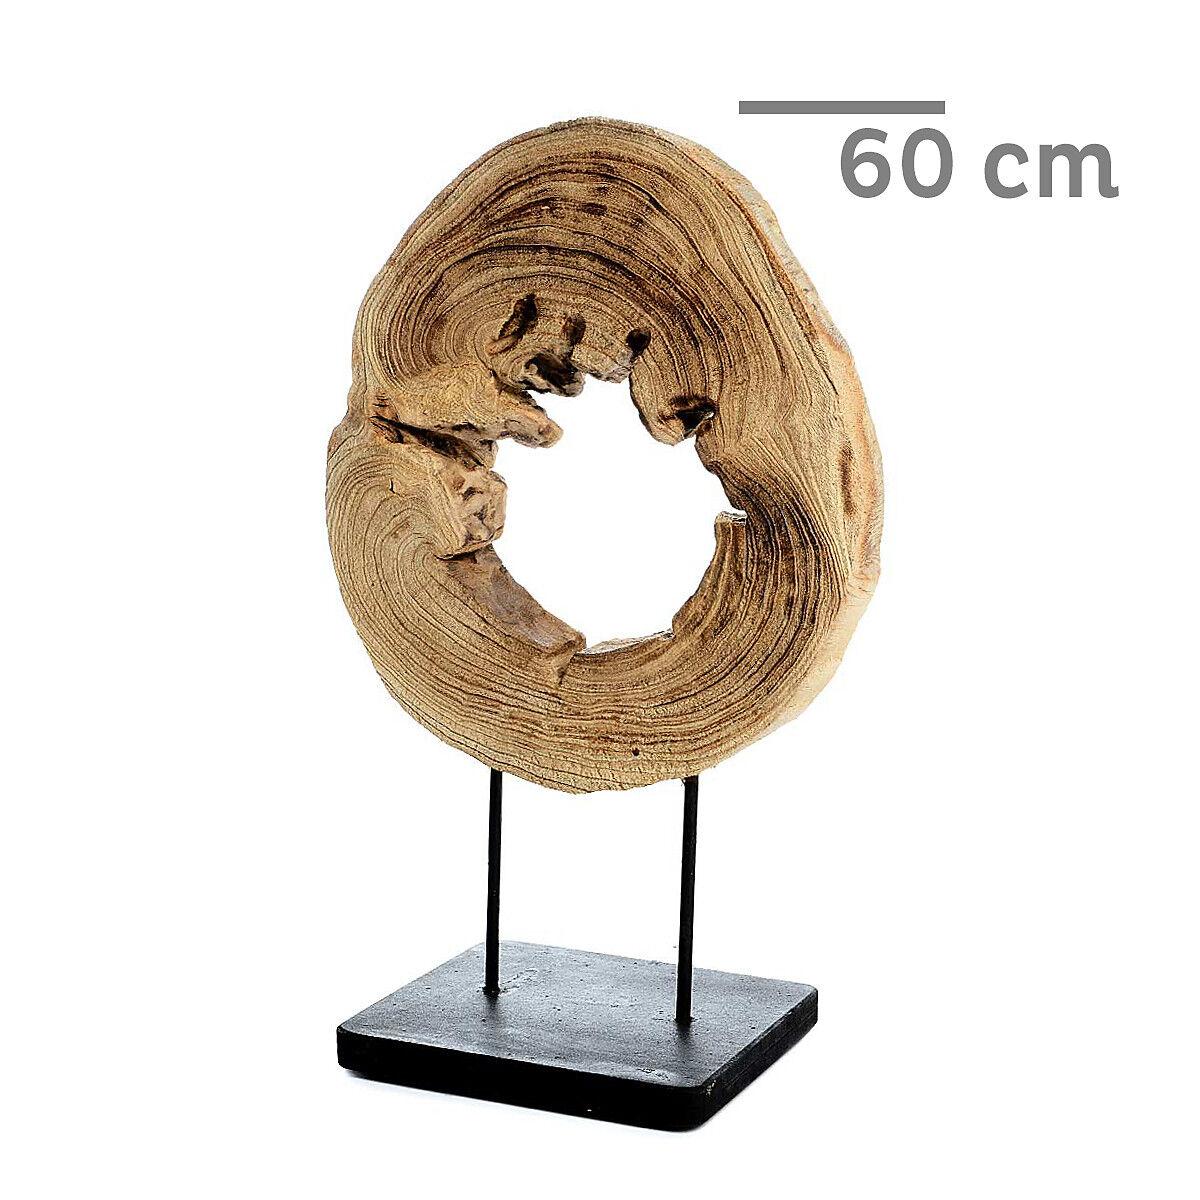 Deko holzscheibe natur ca d 40 x h 60 cm for Holzscheiben deko